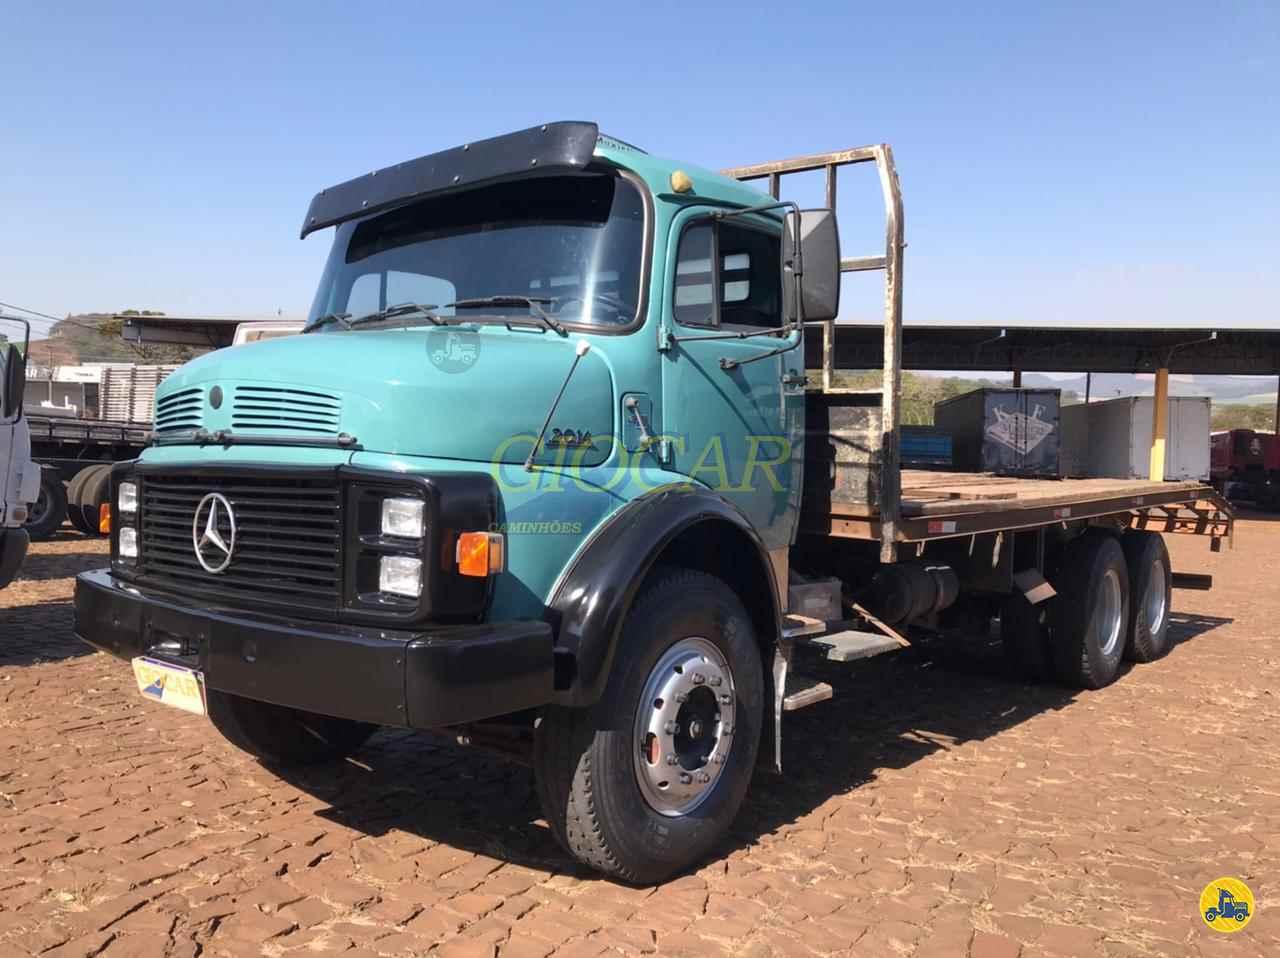 CAMINHAO MERCEDES-BENZ MB 2014 Plataforma Truck 6x2 Giocar Caminhões PATO BRANCO PARANÁ PR